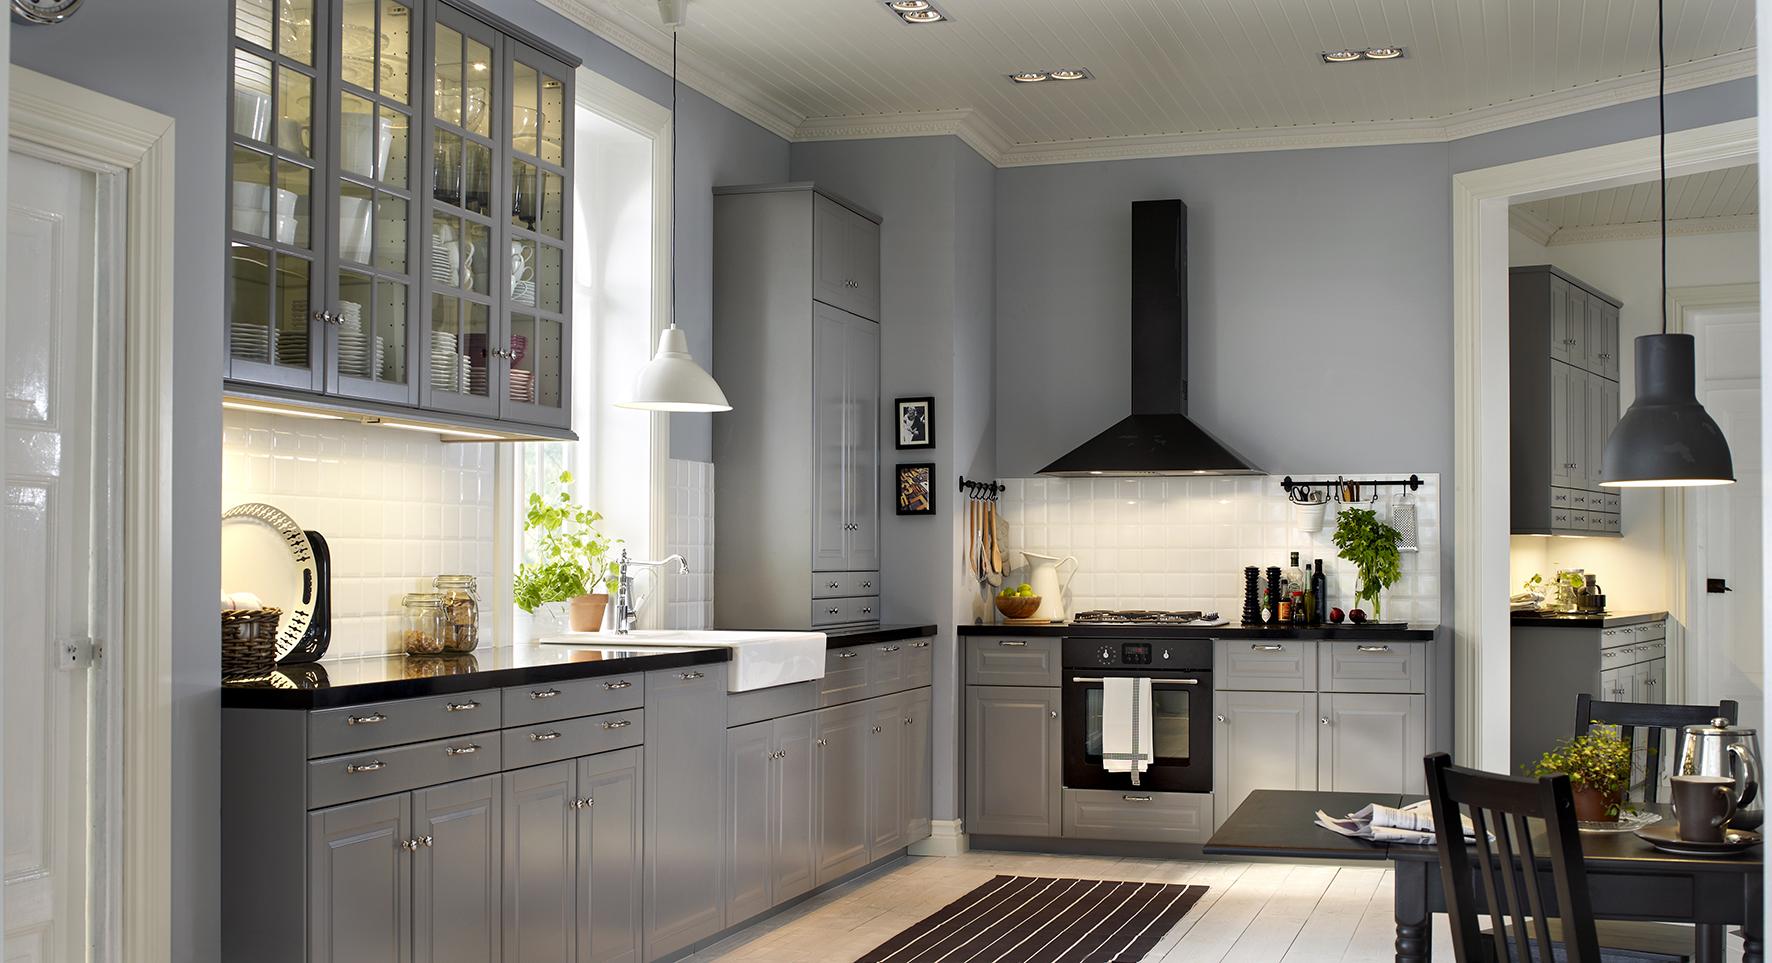 de nieuwe metod keukens van ikea nieuws startpagina voor keuken verlichting keuken ikea